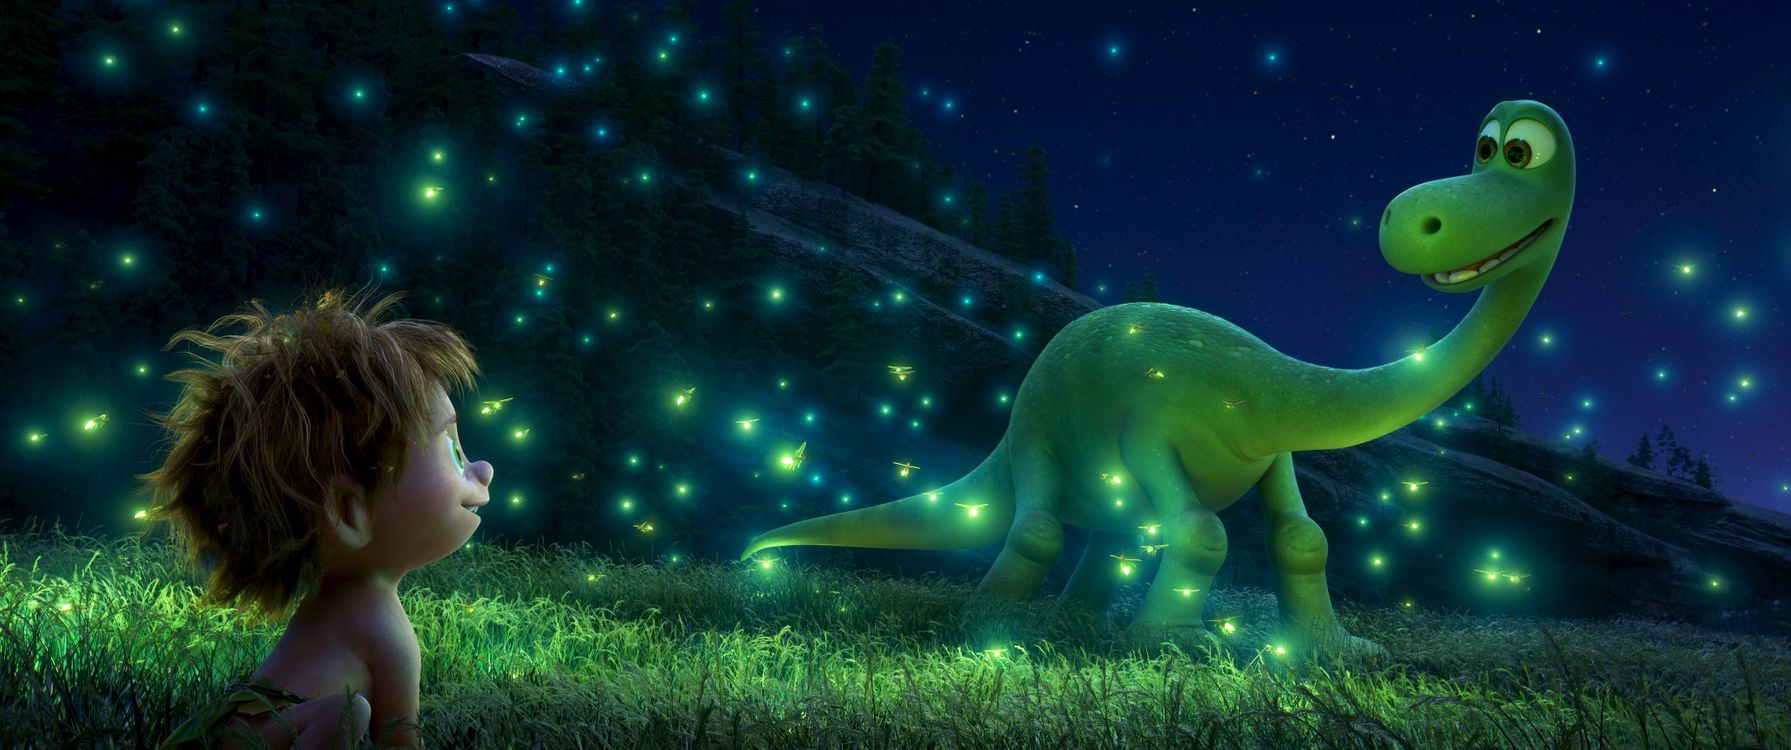 Фото бесплатно Хороший динозавр, комедия, фэнтези - на рабочий стол